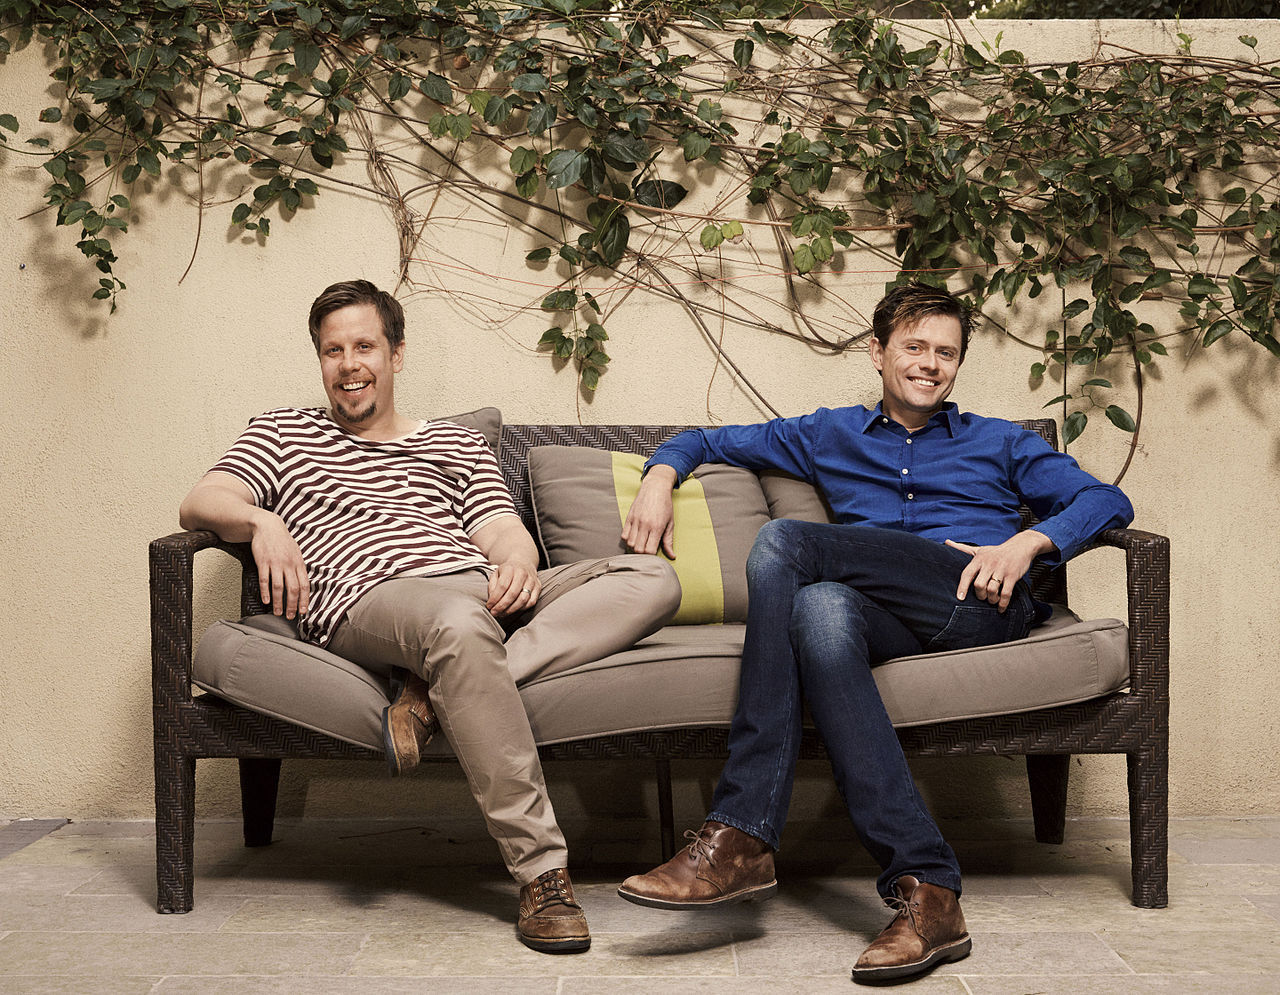 Filip och Fredrik ska göra tv-programmet Alla mot alla